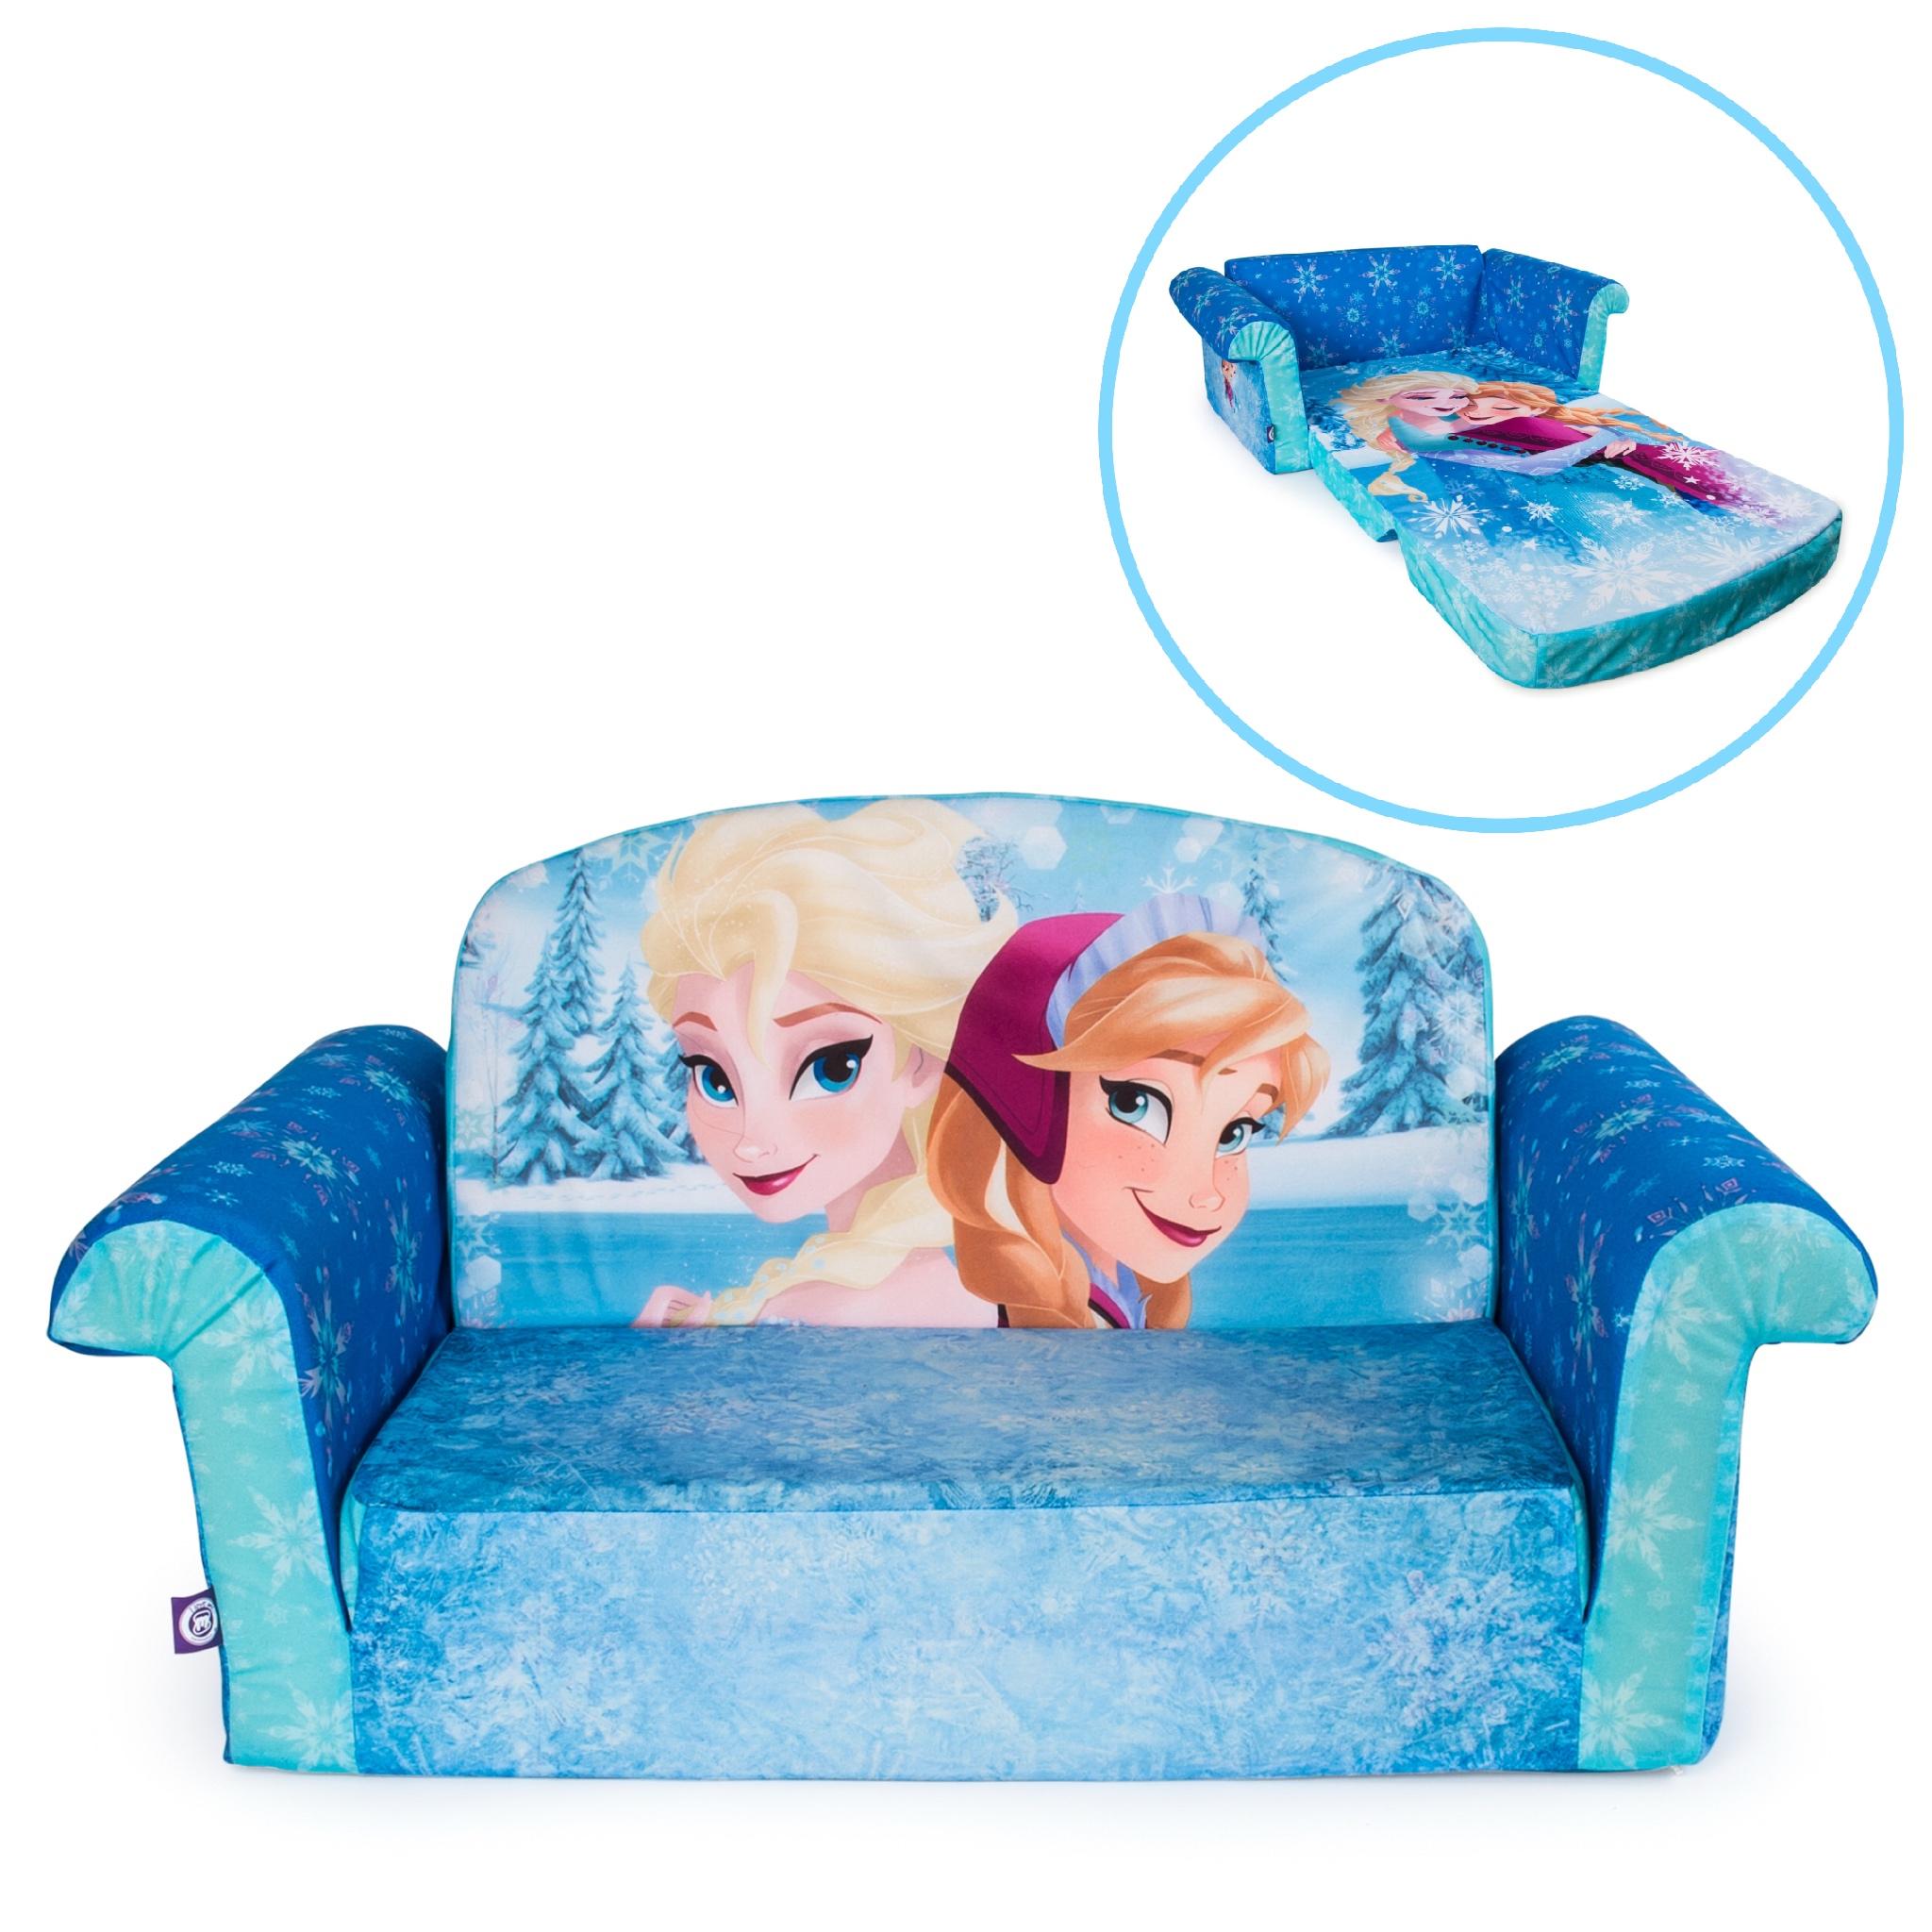 โซฟาเอนกประสงค์สำหรับเด็ก Marshmallow Furniture Children's 2-in-1 Flip Open Foam Sofa (Disney Frozen)